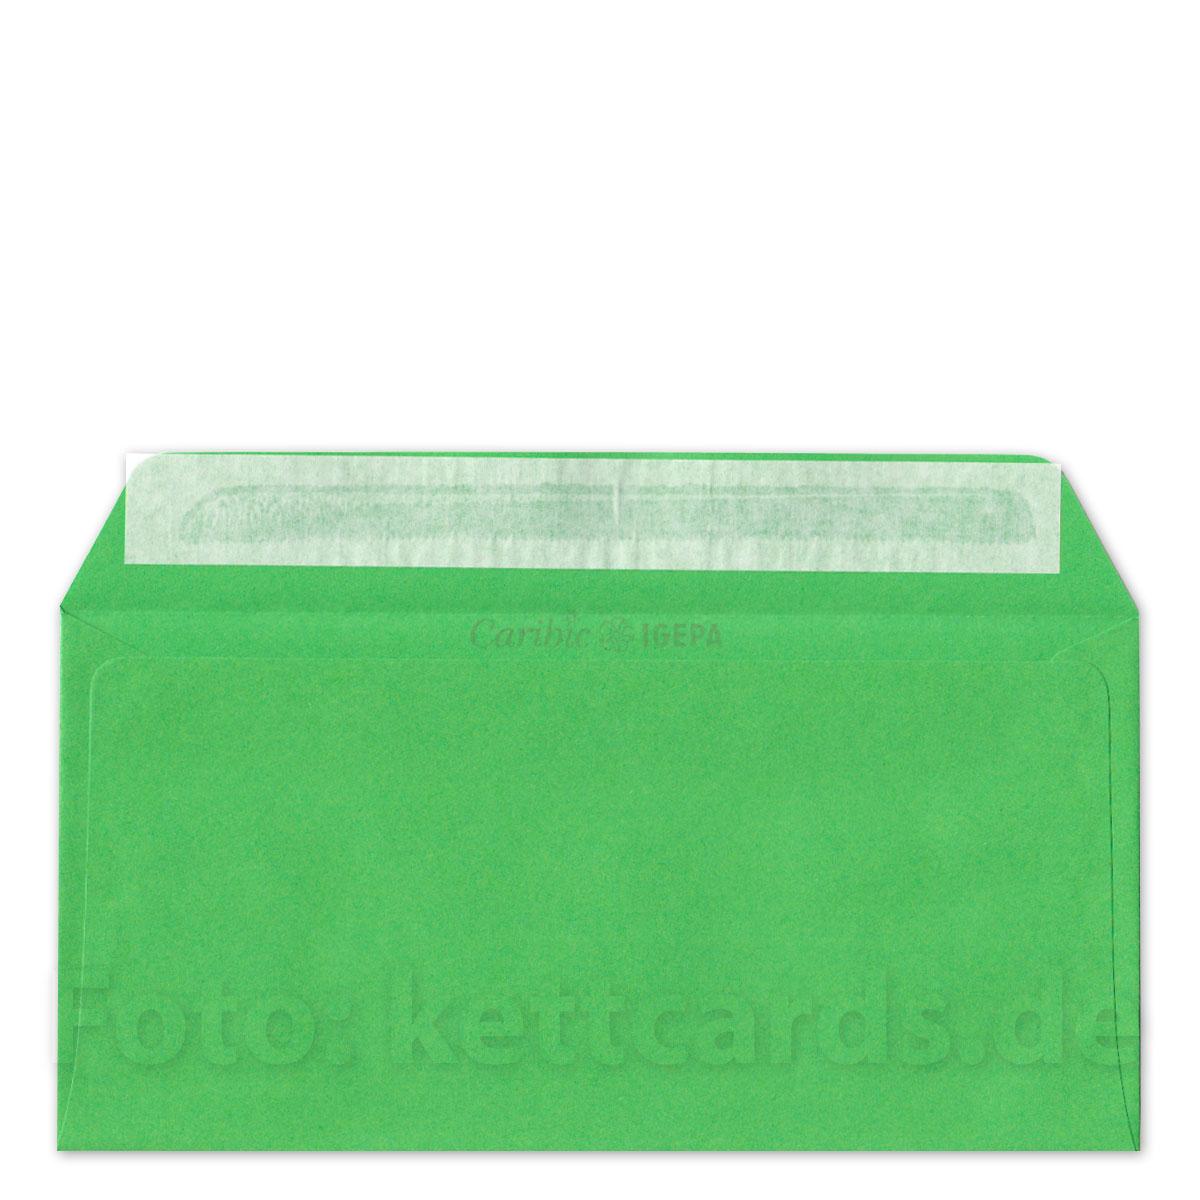 Grüne Haftklebende Umschläge C6 Lang 11 X 22 Cm Kettshop